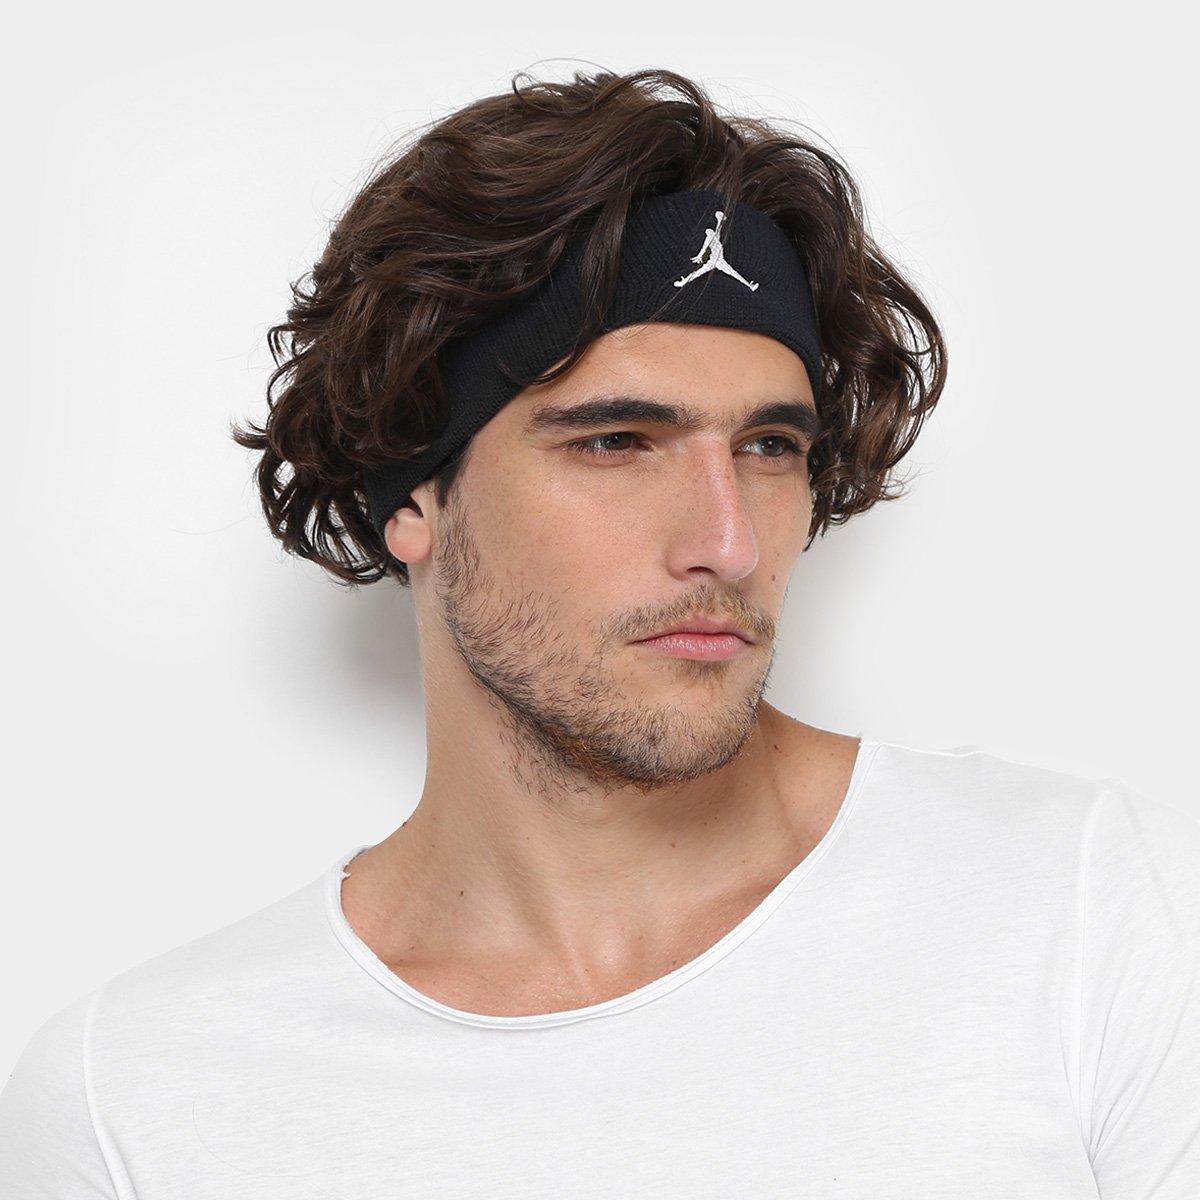 nike jordan headband